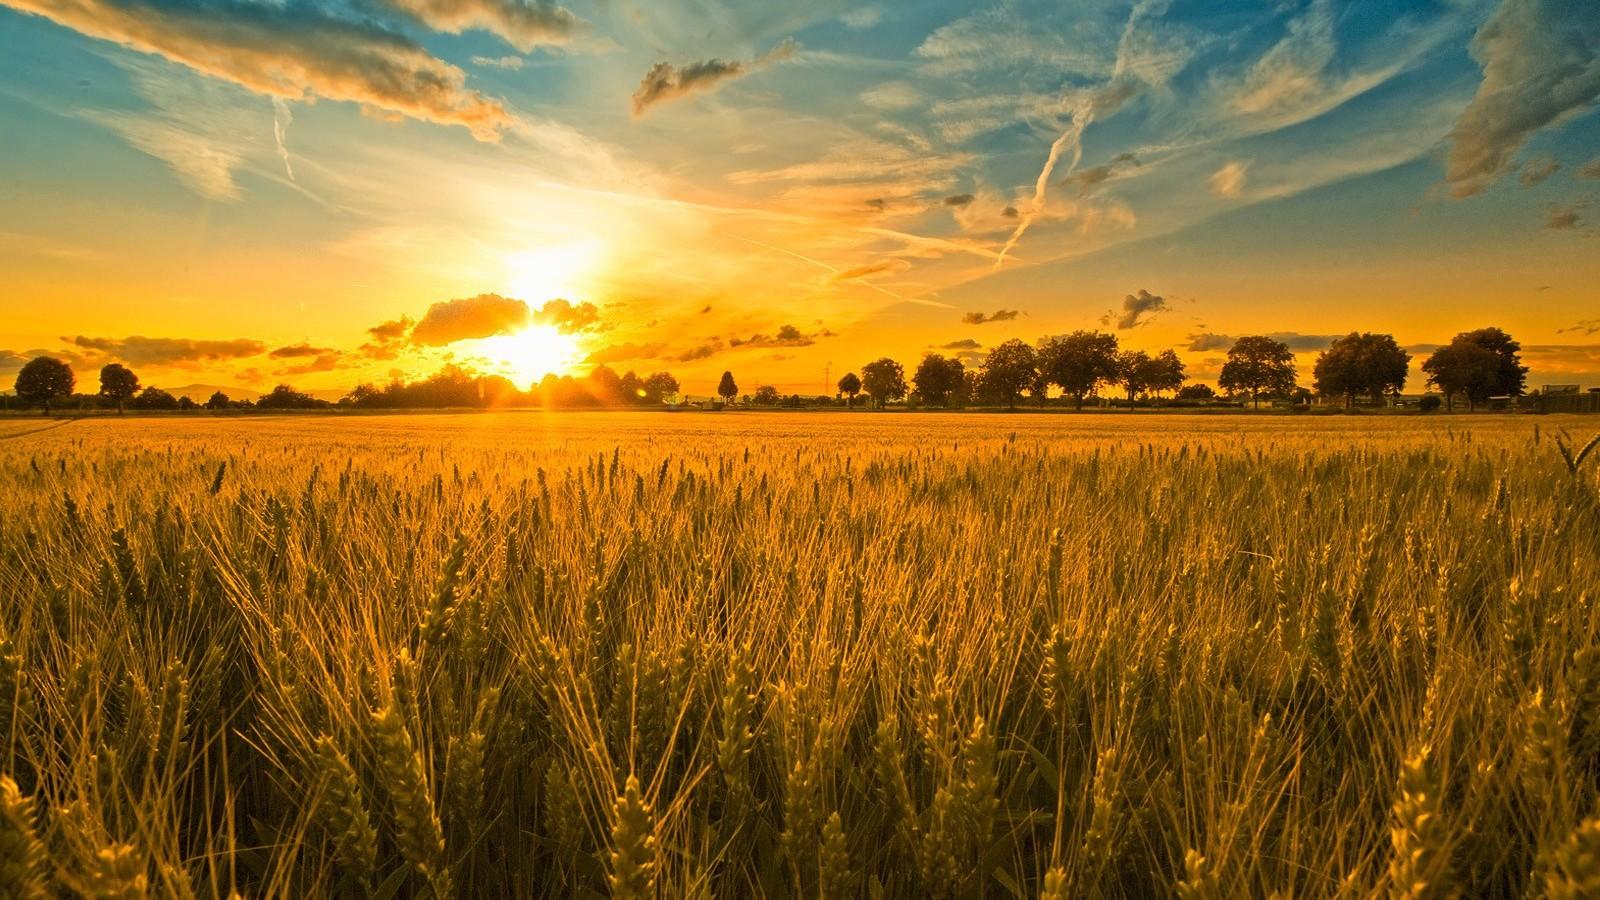 Wheat field sunlight